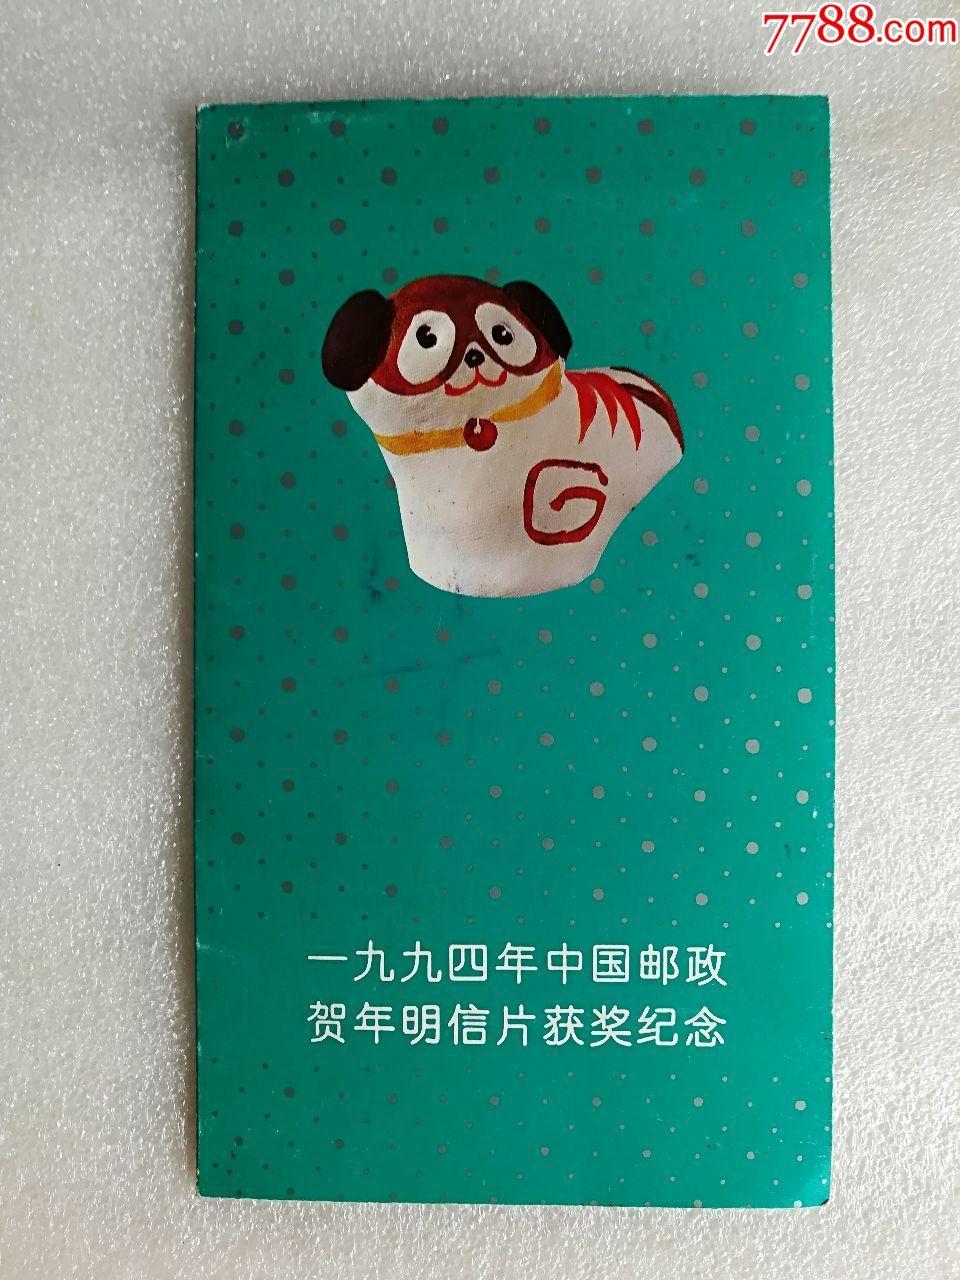 1994年中国邮政贺年明星获奖纪念